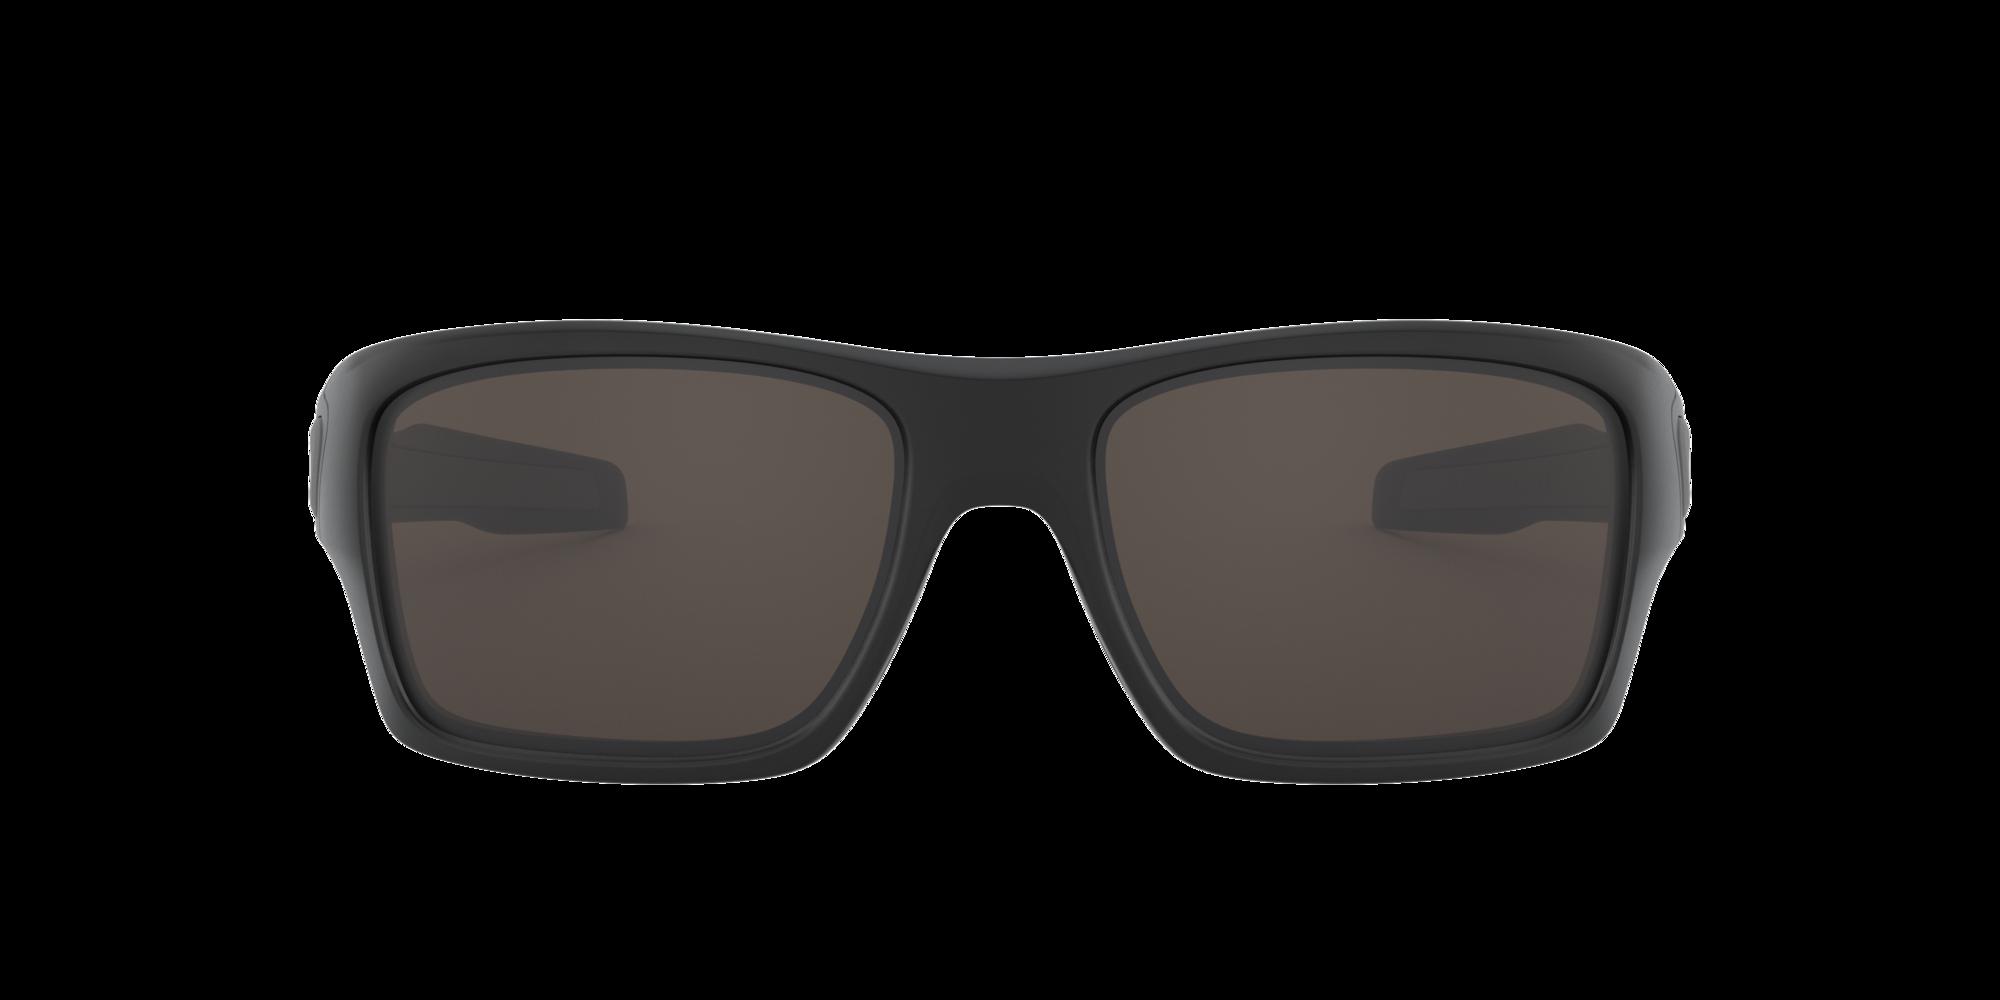 Imagen para OO9263 63 TURBINE de LensCrafters |  Espejuelos, espejuelos graduados en línea, gafas